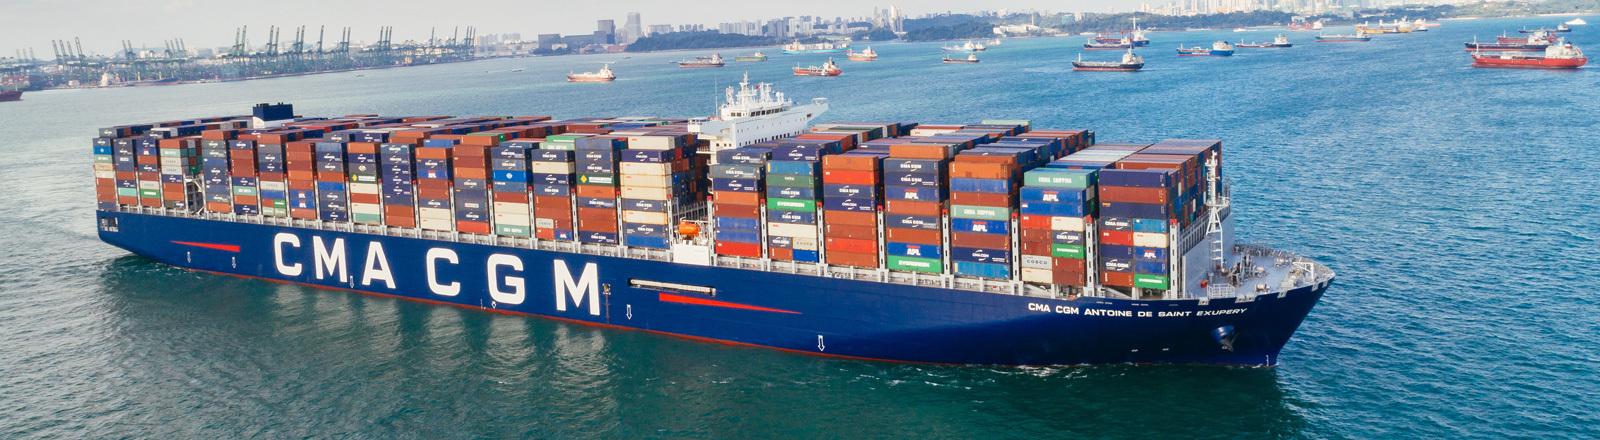 Blick auf das Containerschiff Antoine de Saint Exupéry, das rund 20.000 Container geladen hat.